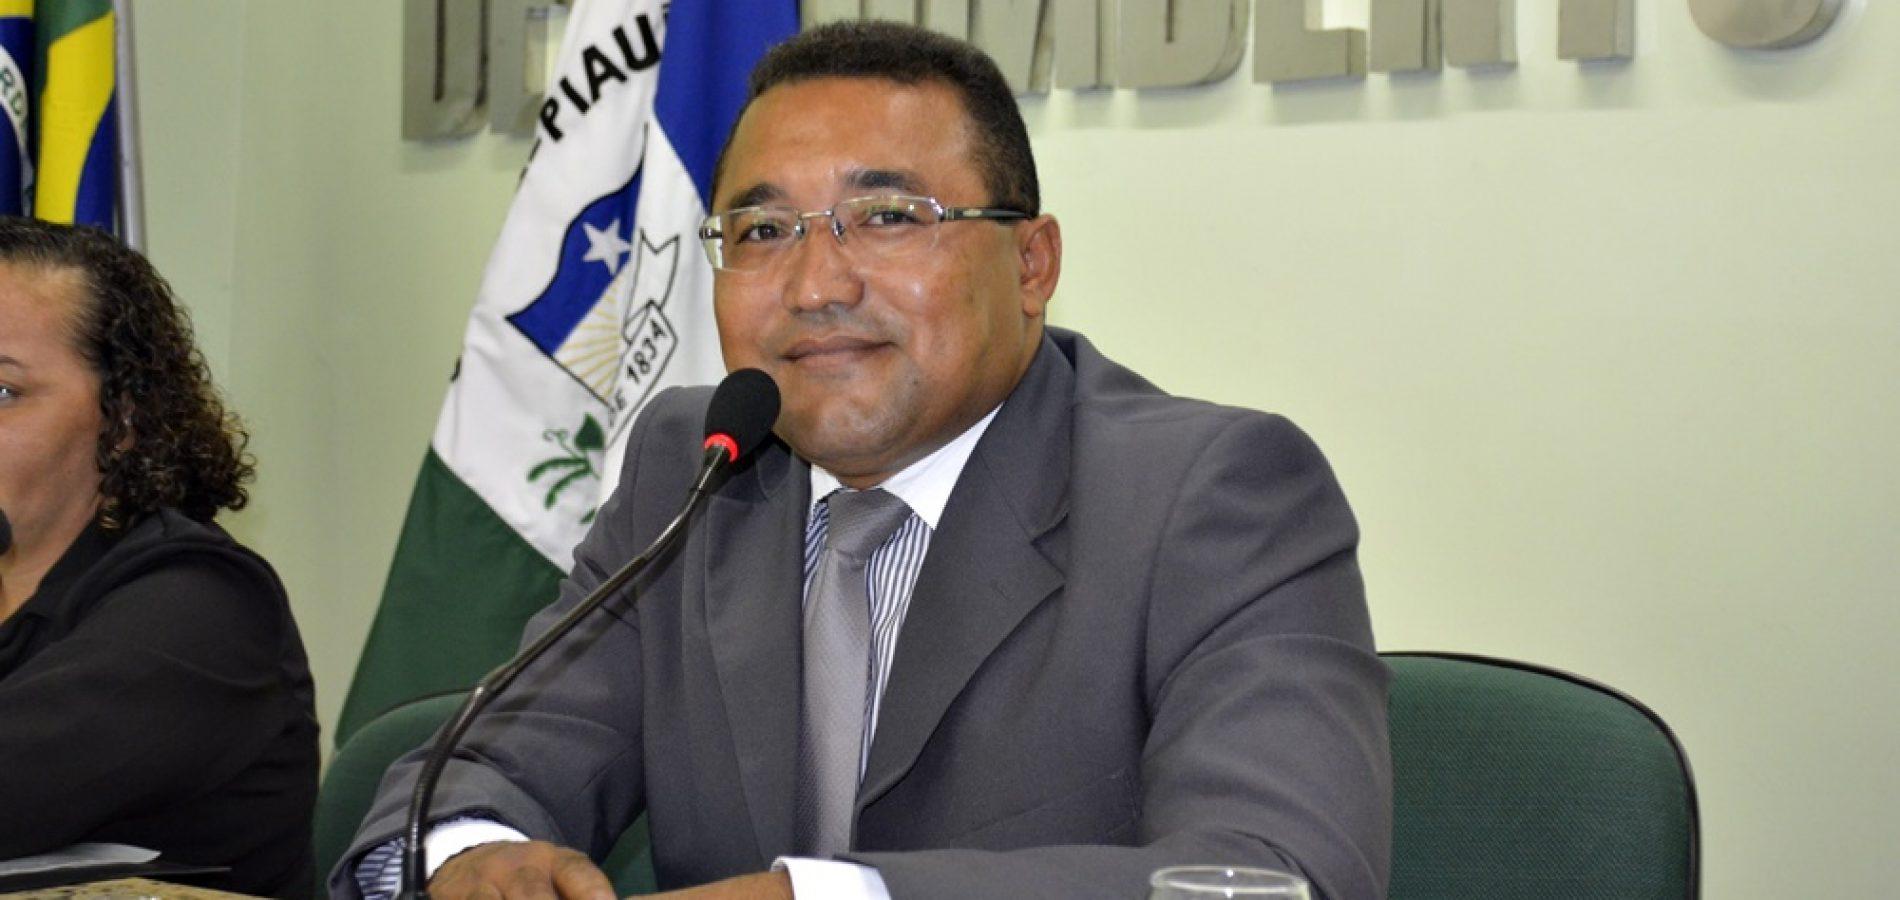 Câmara de Jaicós encerra o recesso e volta aos trabalhos na sexta-feira (10)